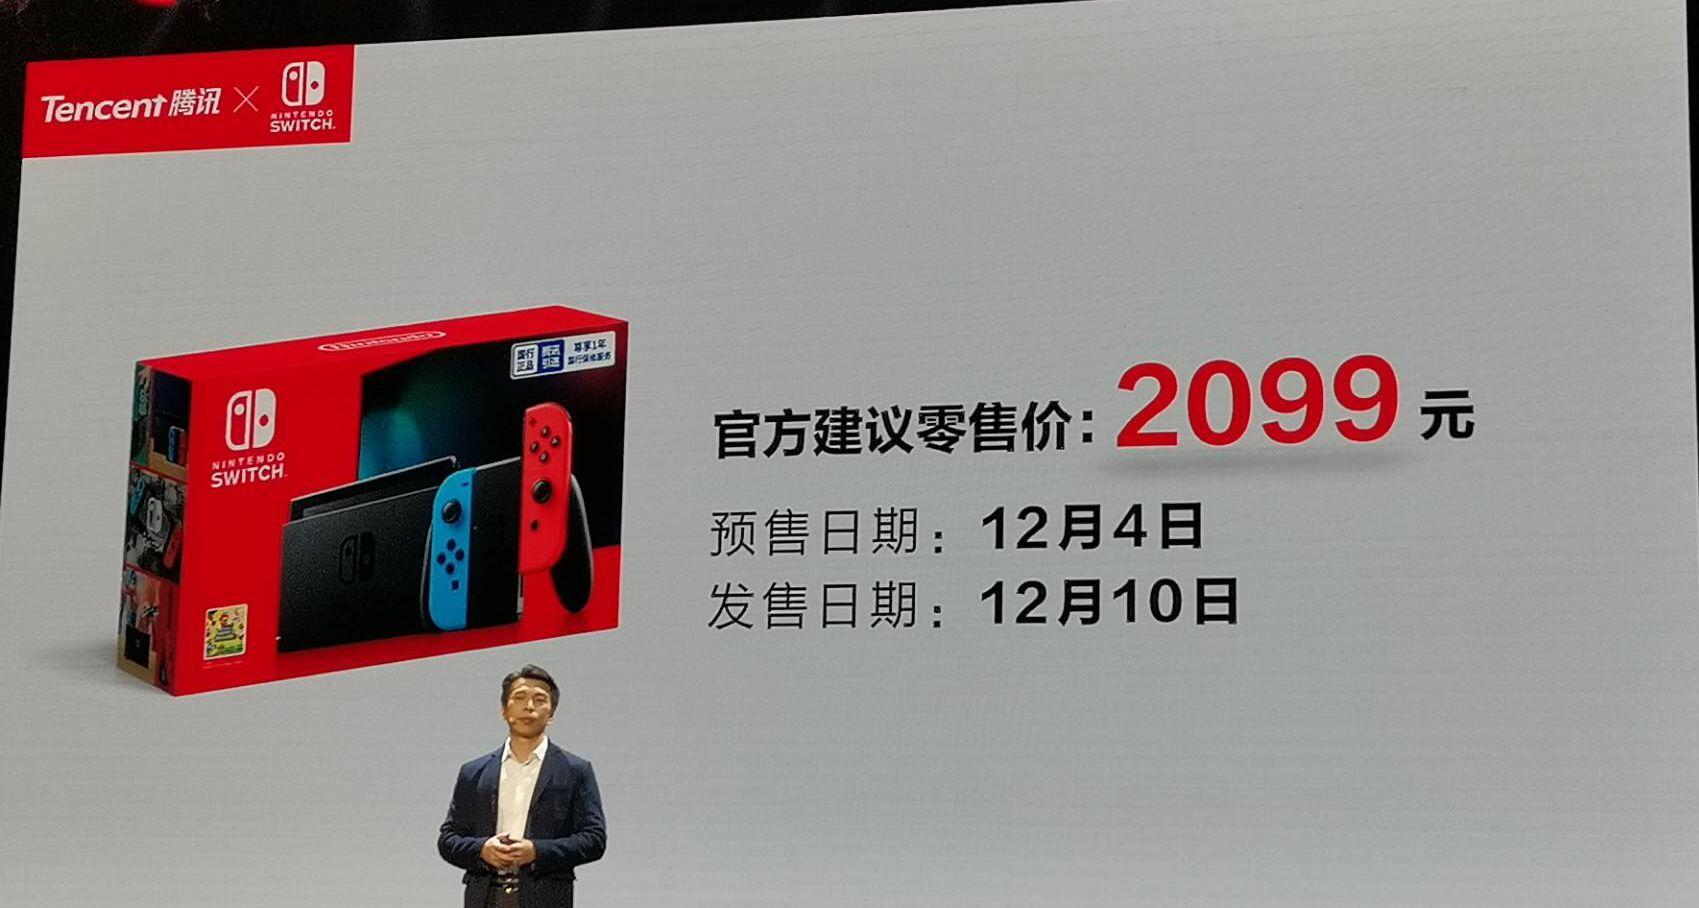 腾讯国止Switchofficial私布!预售已合启定价2099元!